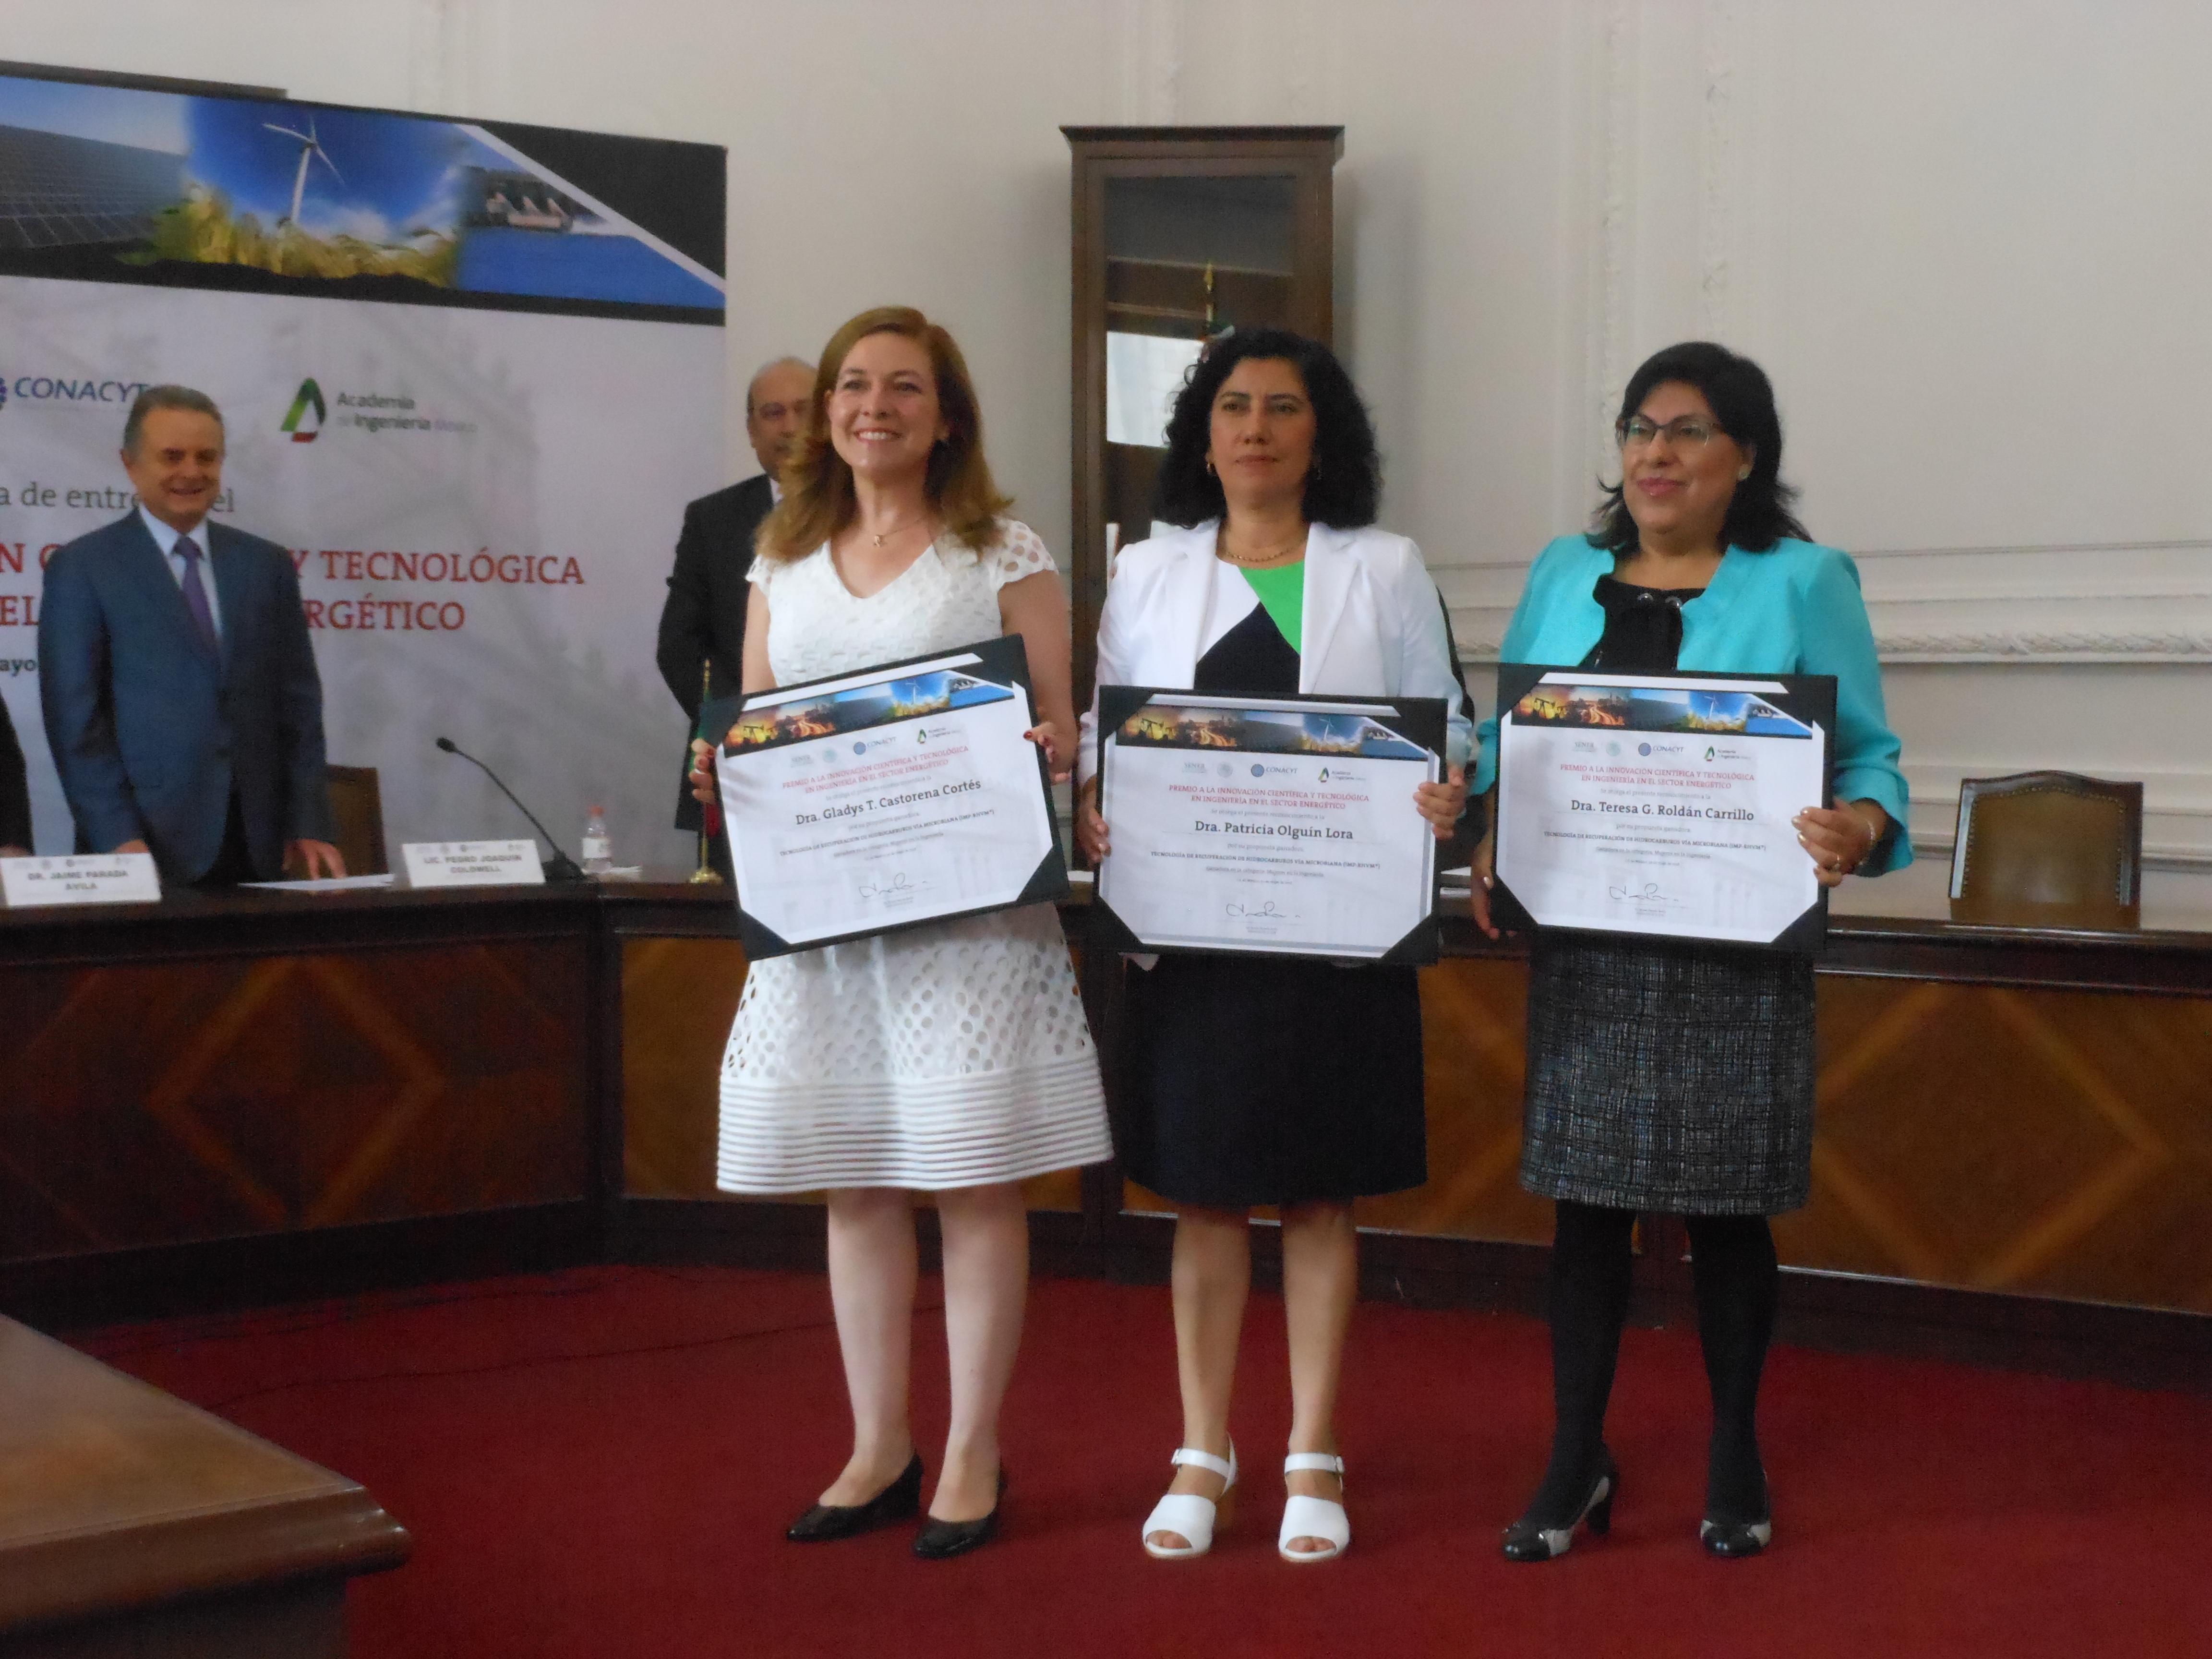 Premio a la Innovación Científica y Tecnológica.